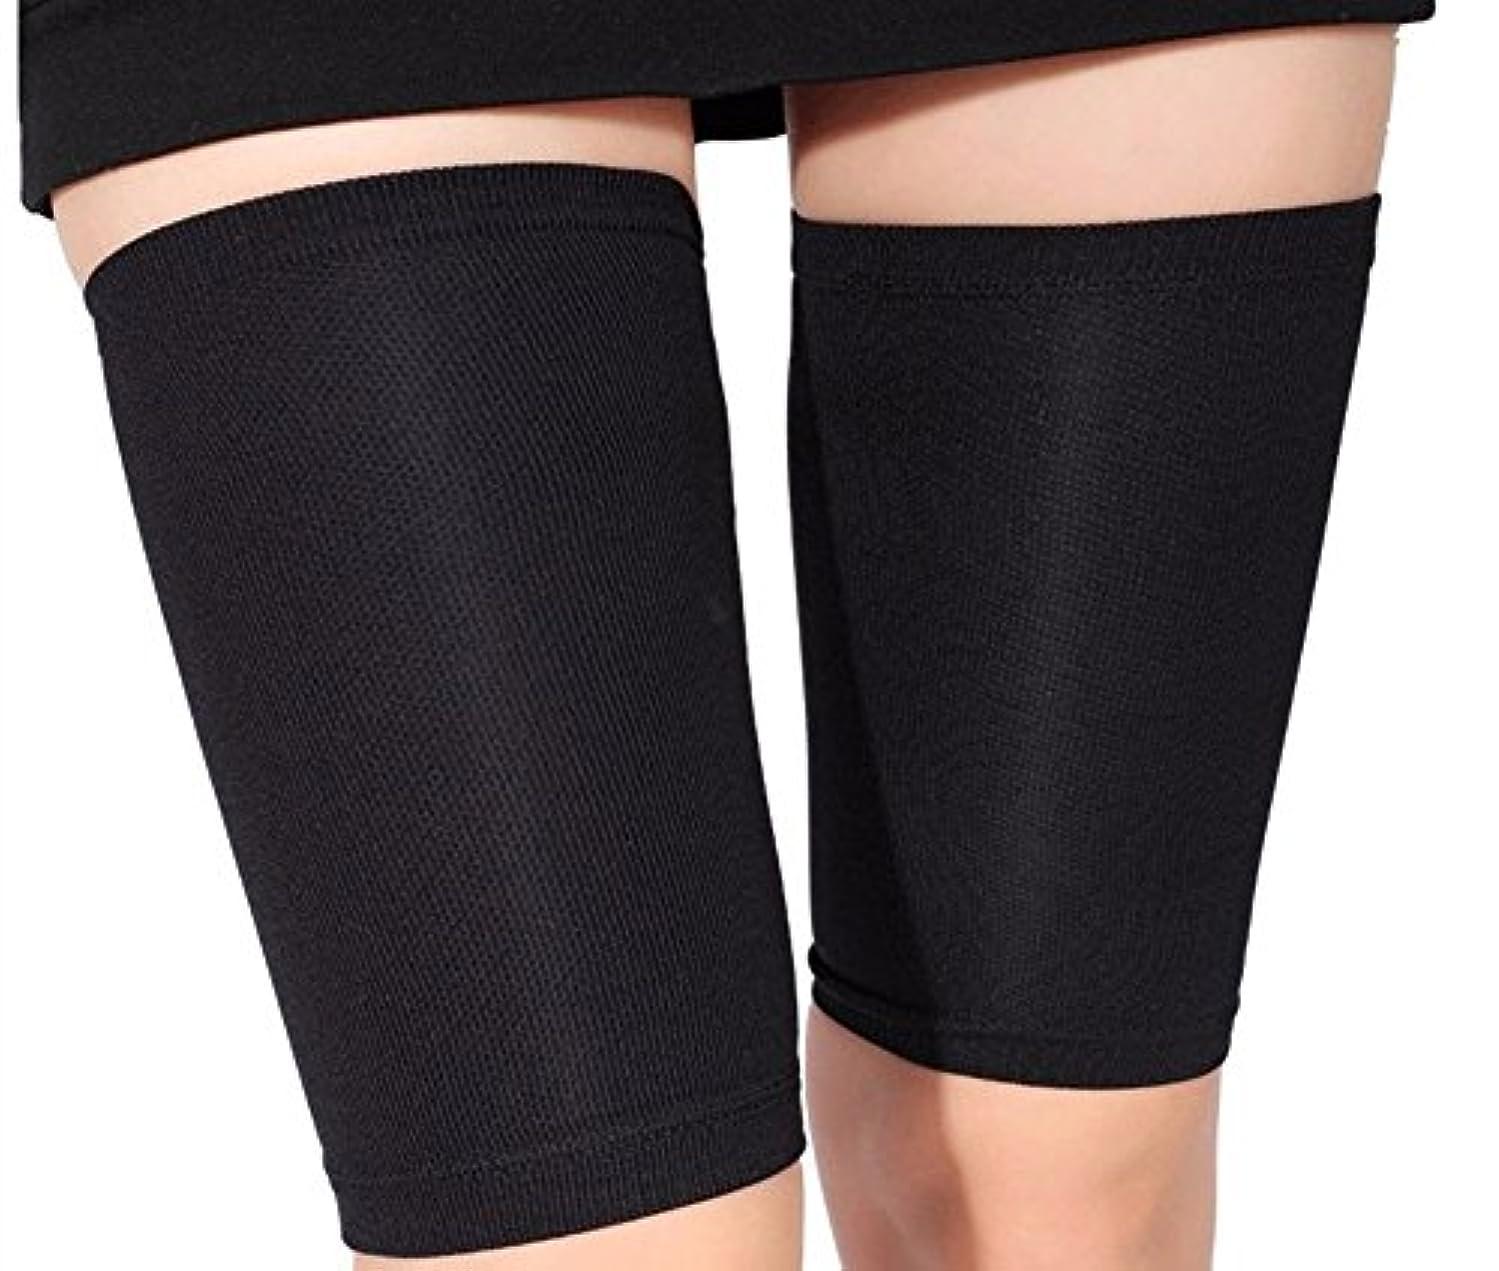 なめる取り組む着る太もも燃焼 むくみ セルライト 除去 婦人科系 に作用 両足セット